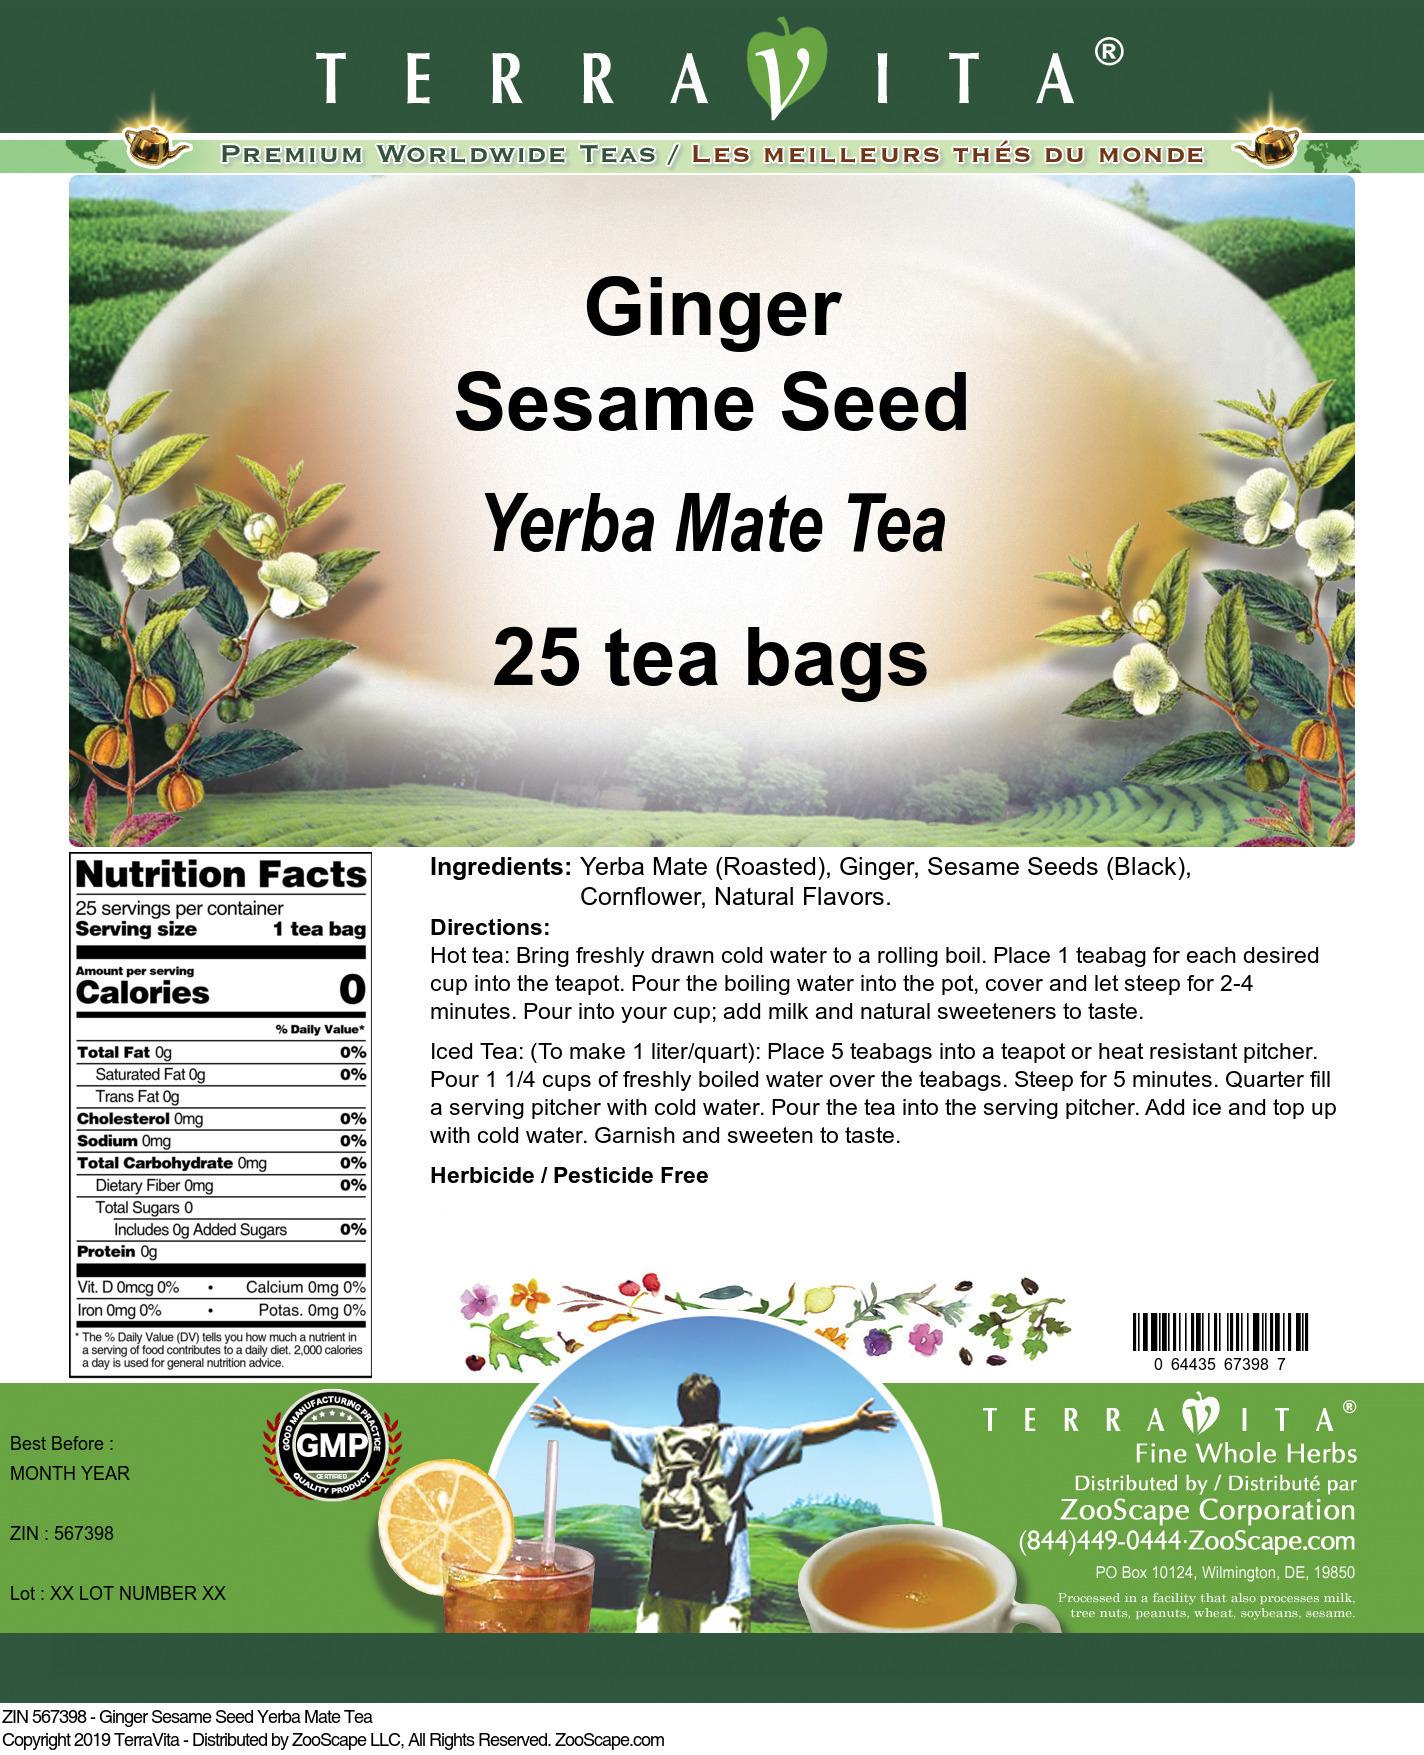 Ginger Sesame Seed Yerba Mate Tea